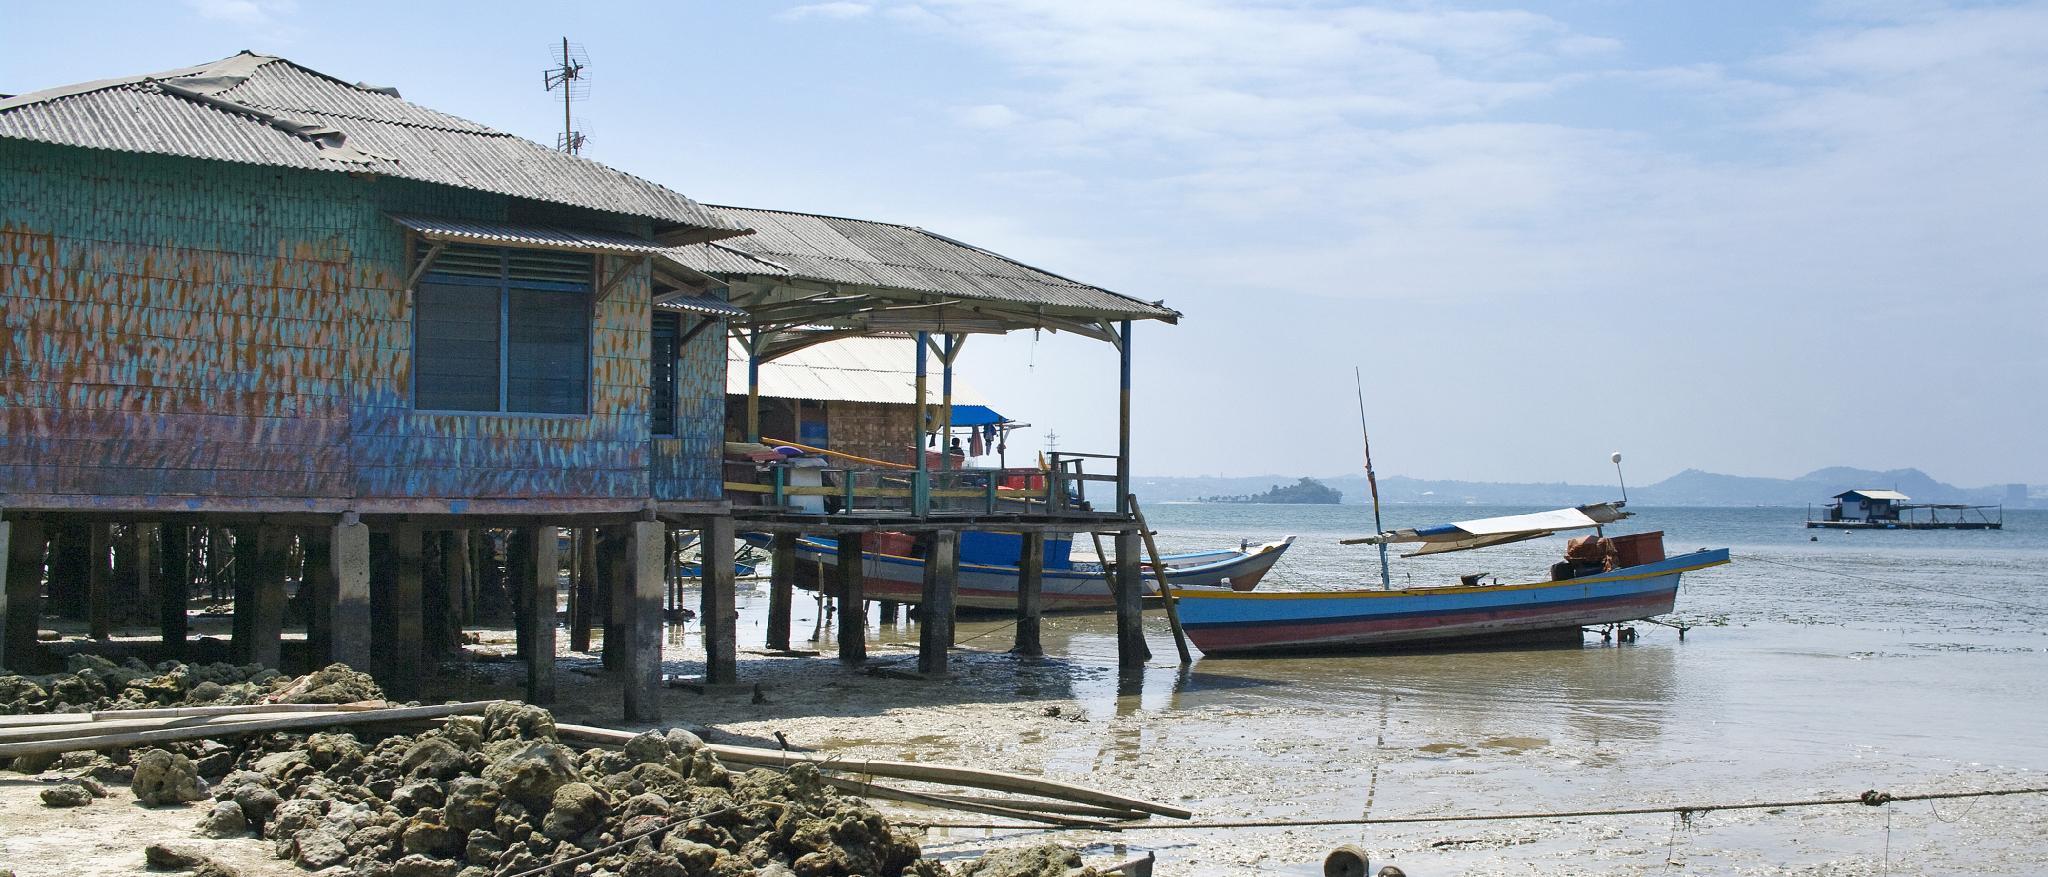 Sahid Bandar Lampung